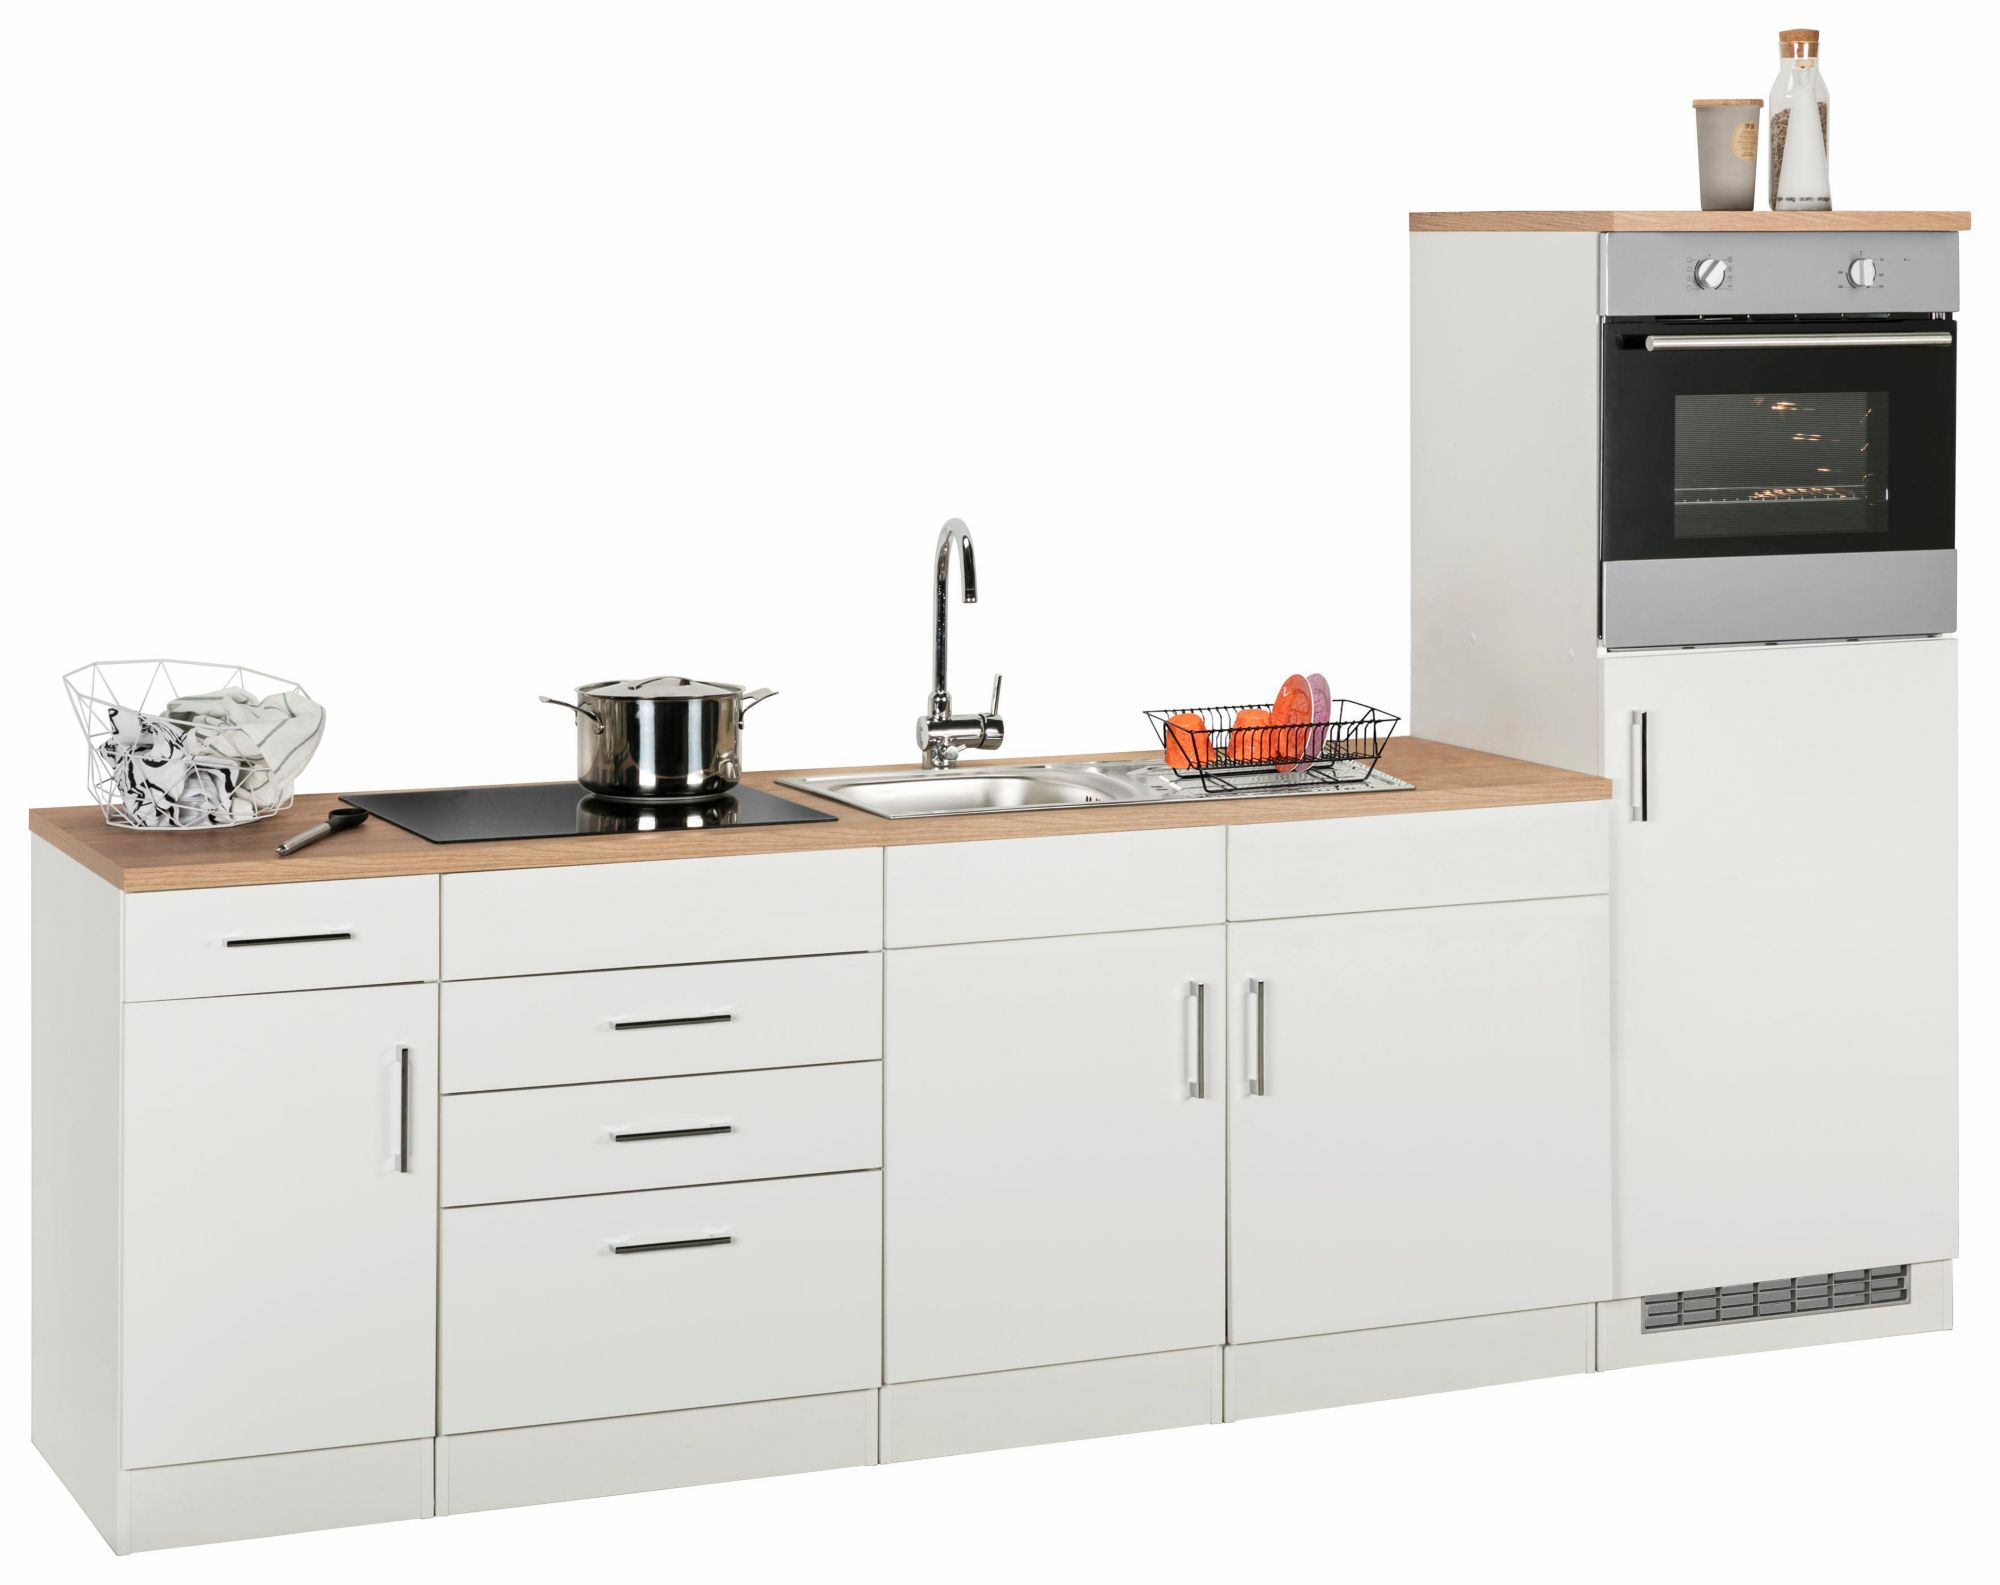 Held möbel küchenzeile mit e geräten wels breite 270 cm weiß